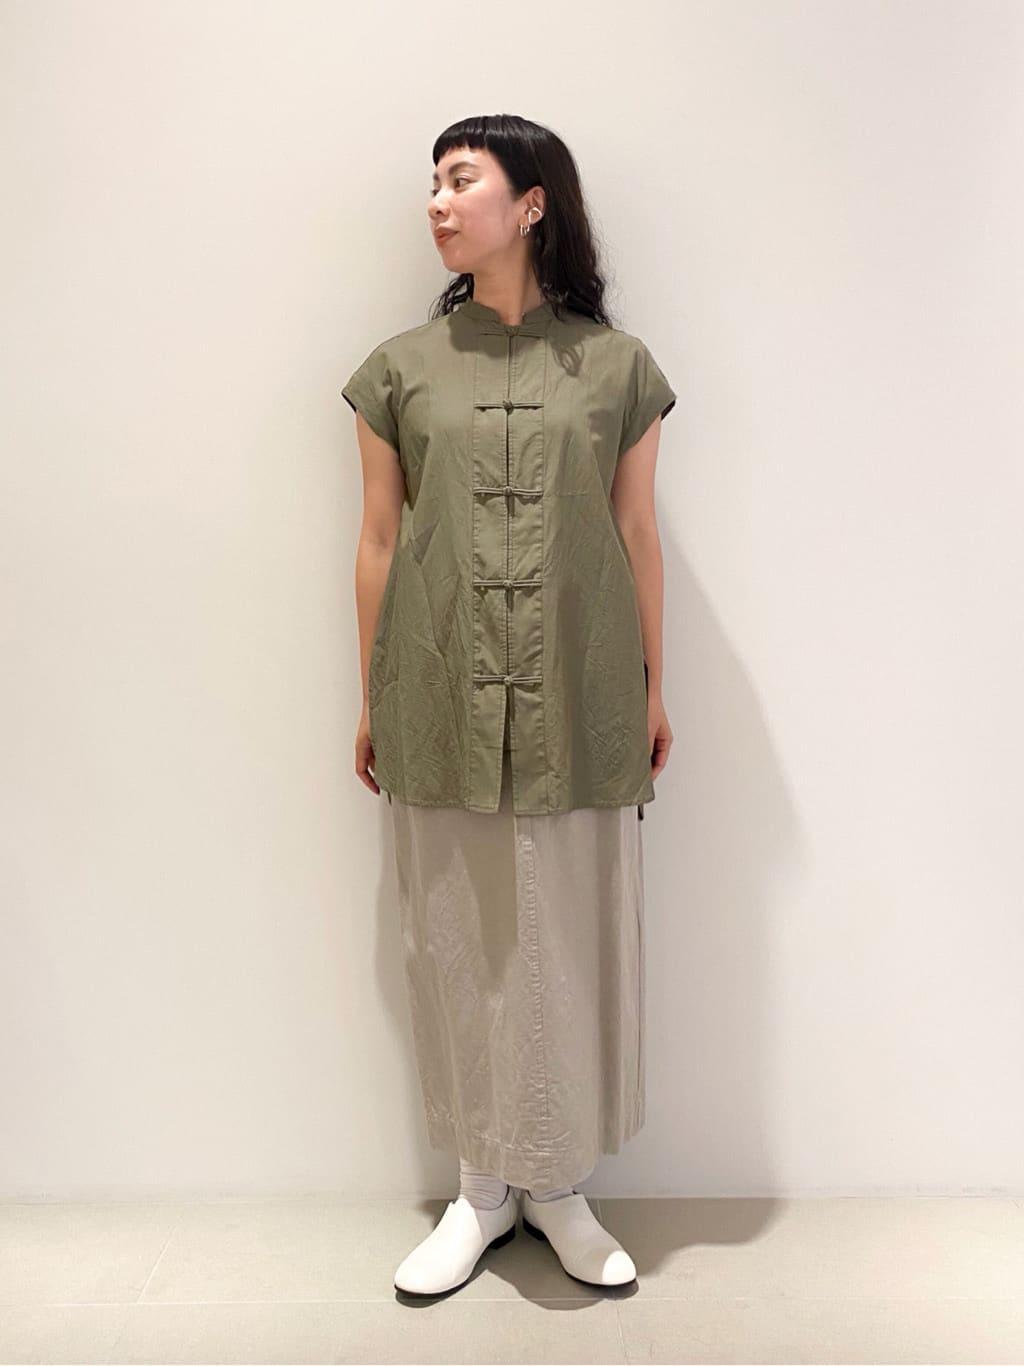 yuni 二子玉川ライズ 身長:154cm 2021.07.26